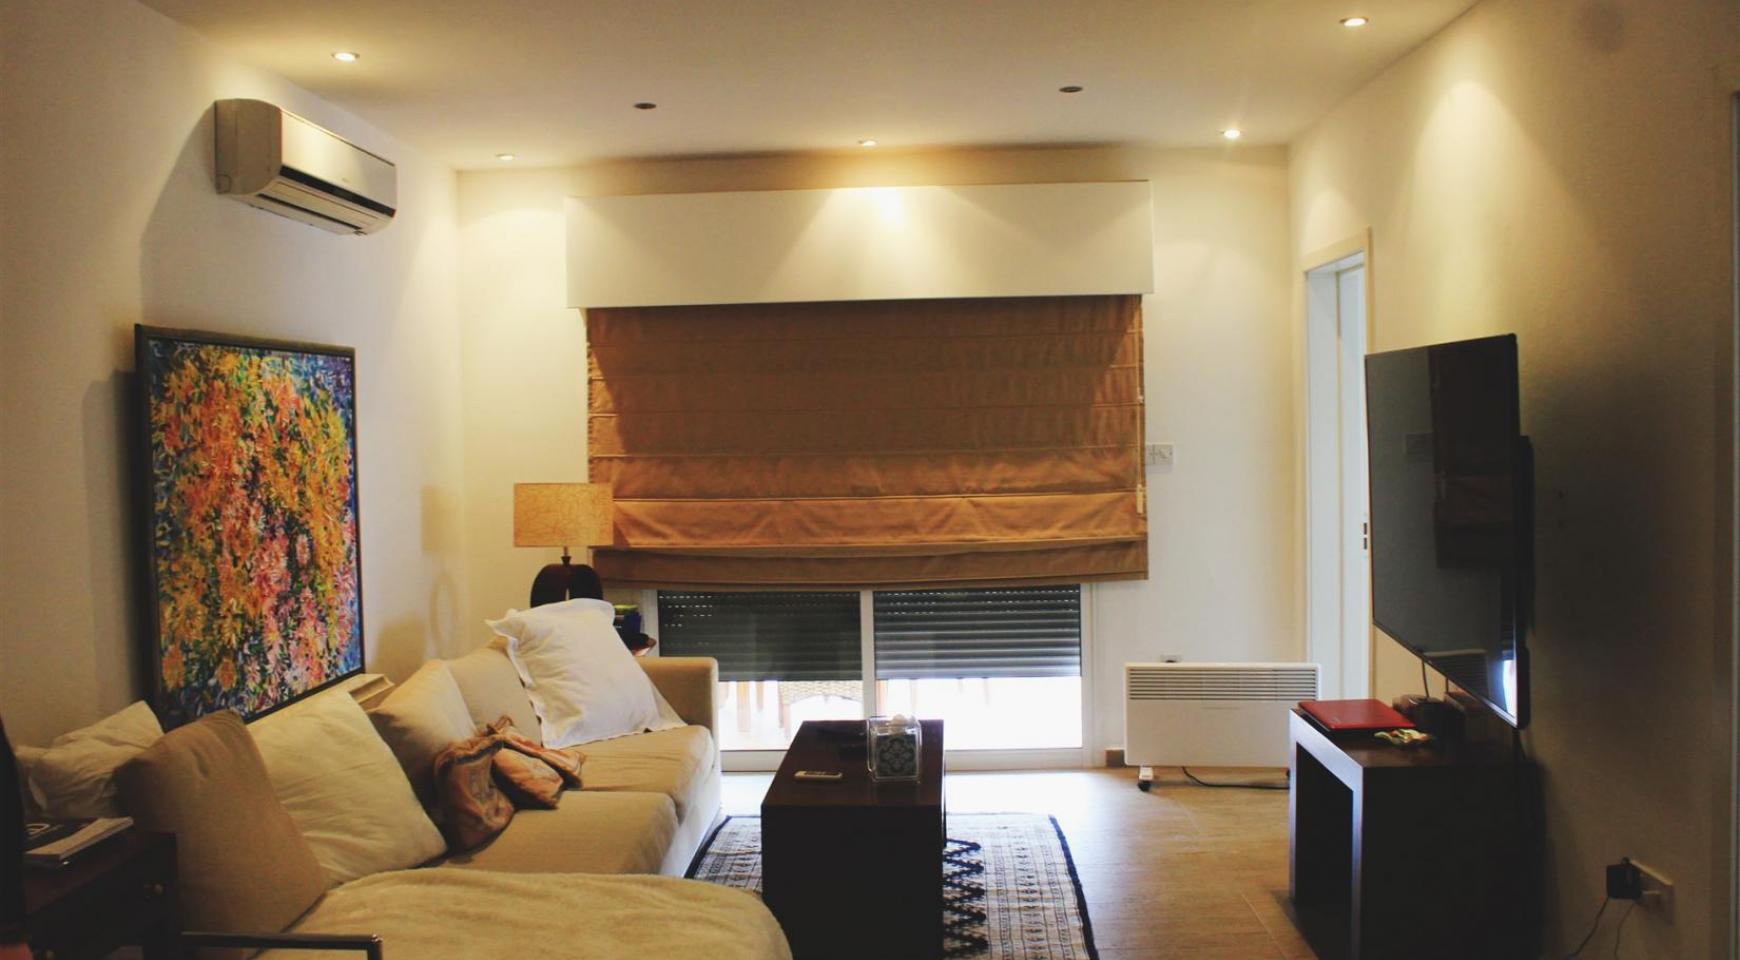 2 Bedroom Apartment in a Prestigious Complex near the Sea - 10